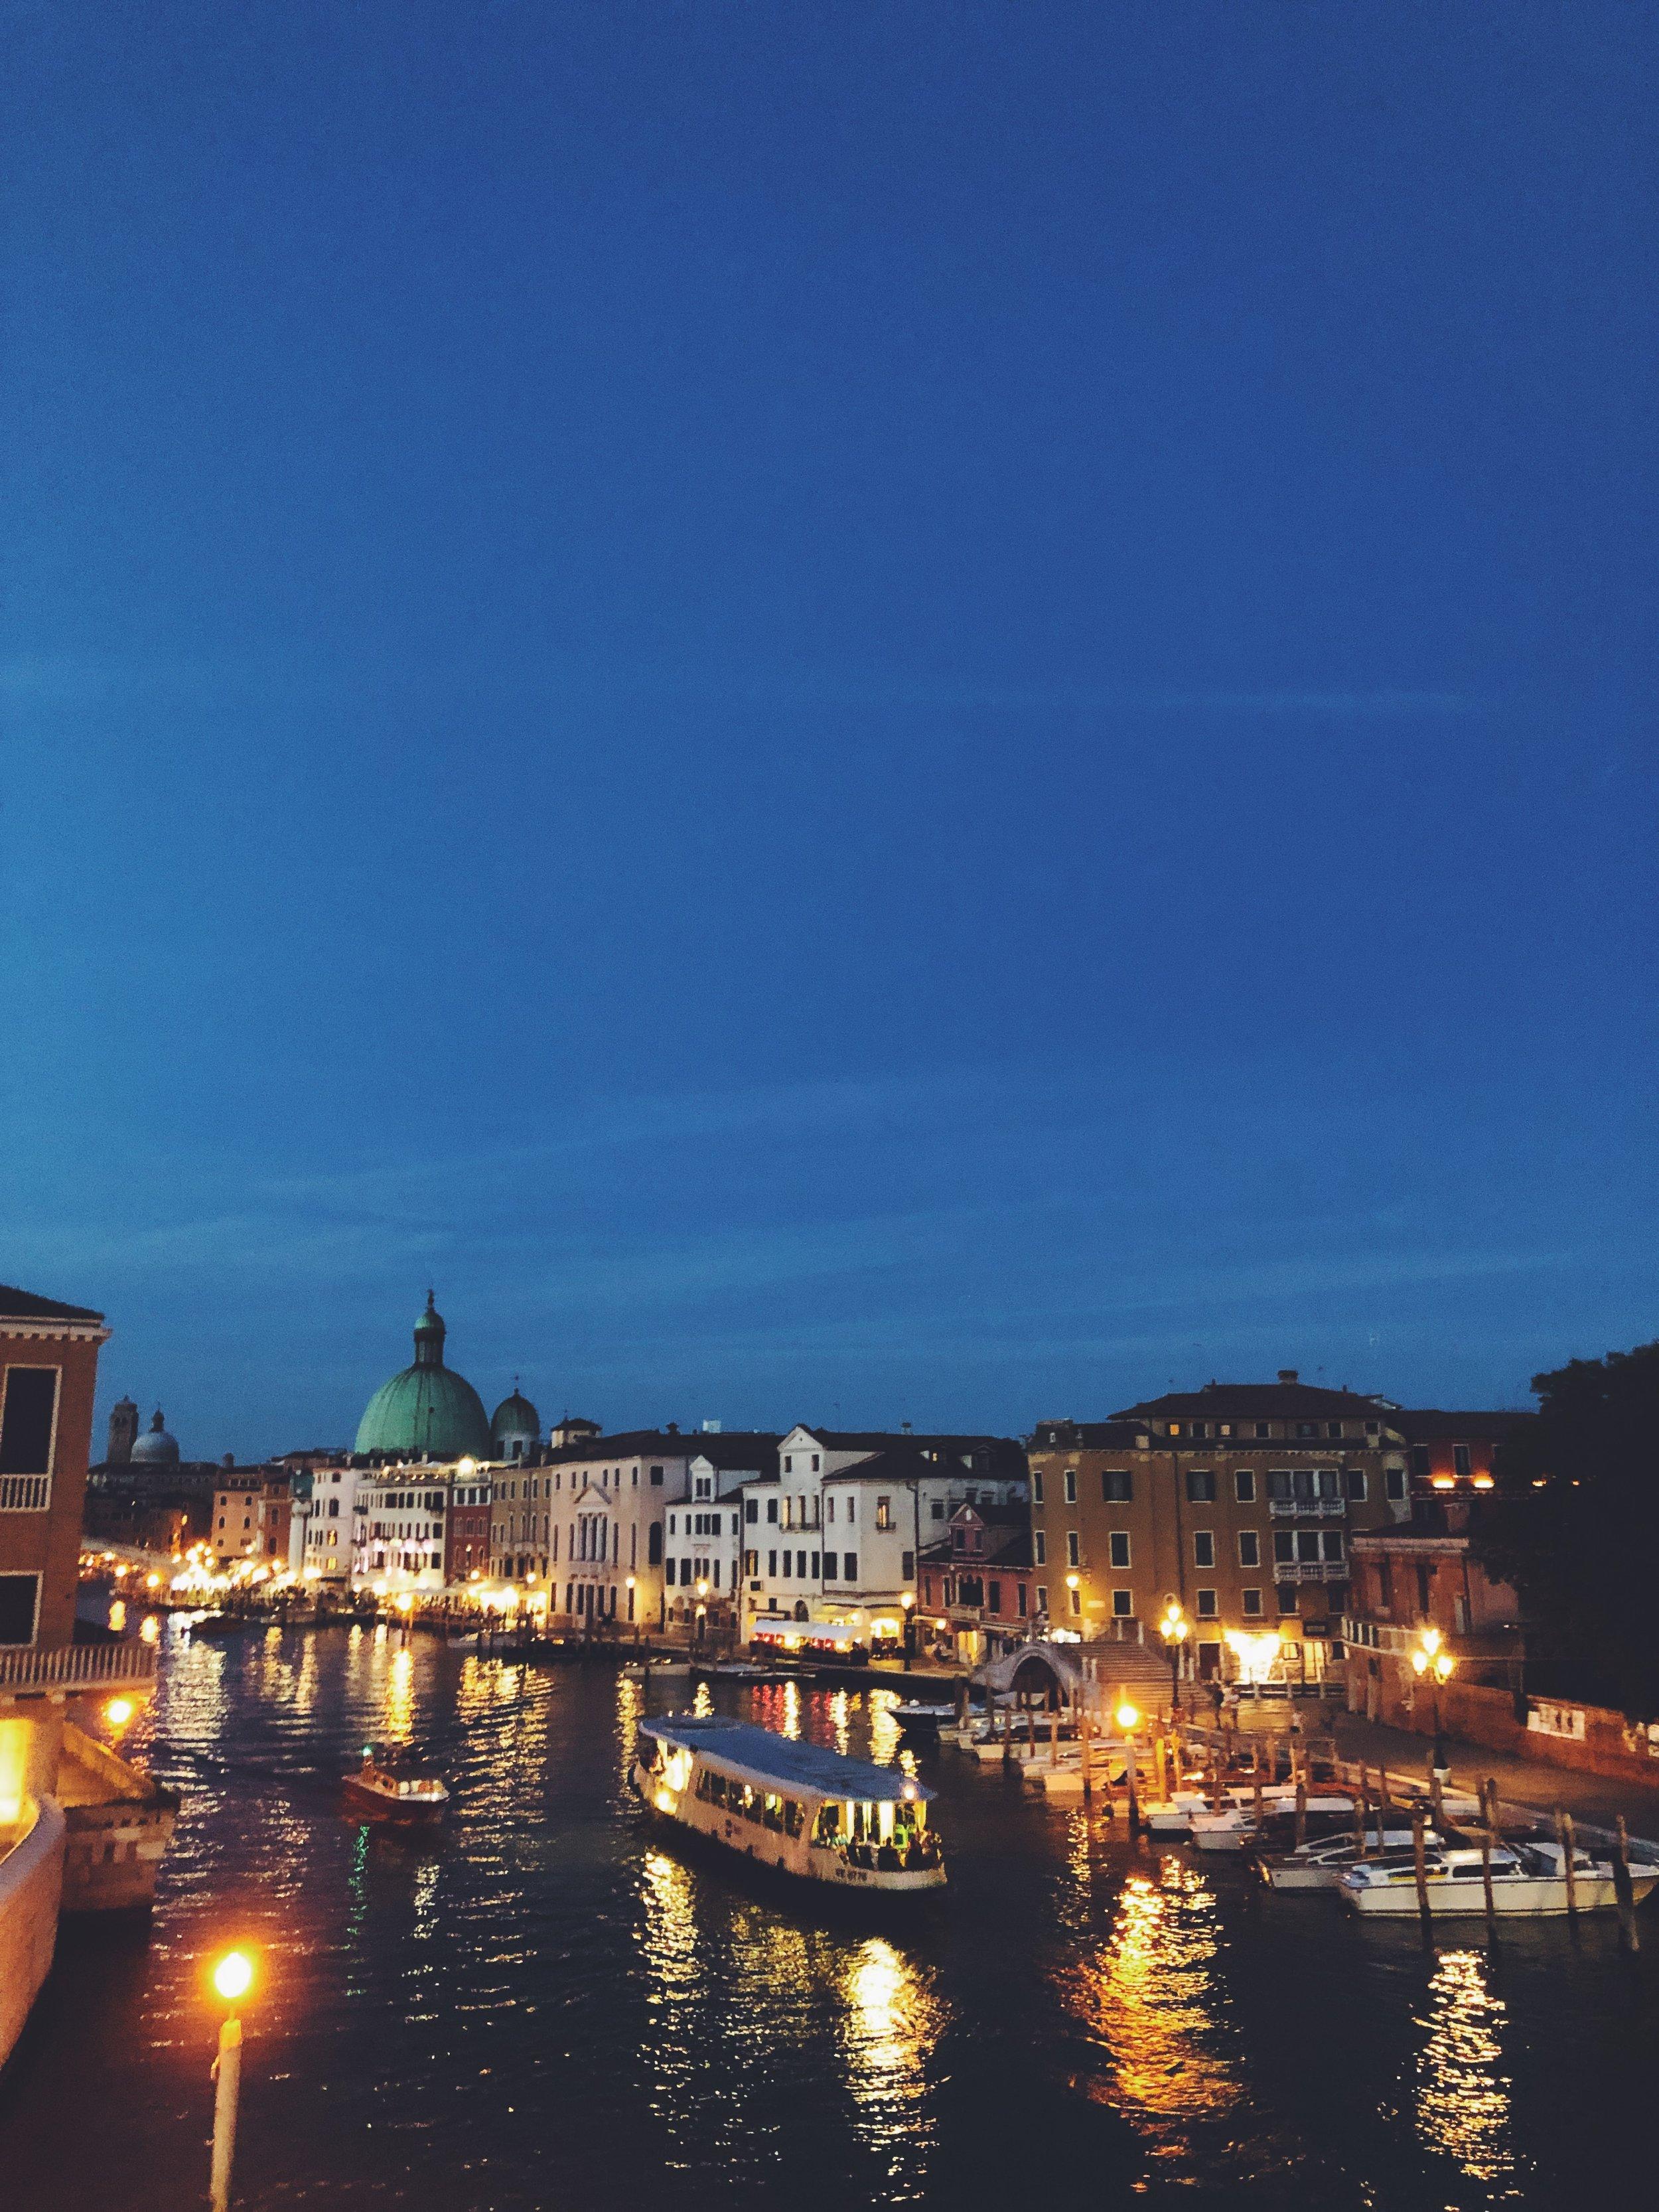 View from the Ponte della Costituzione